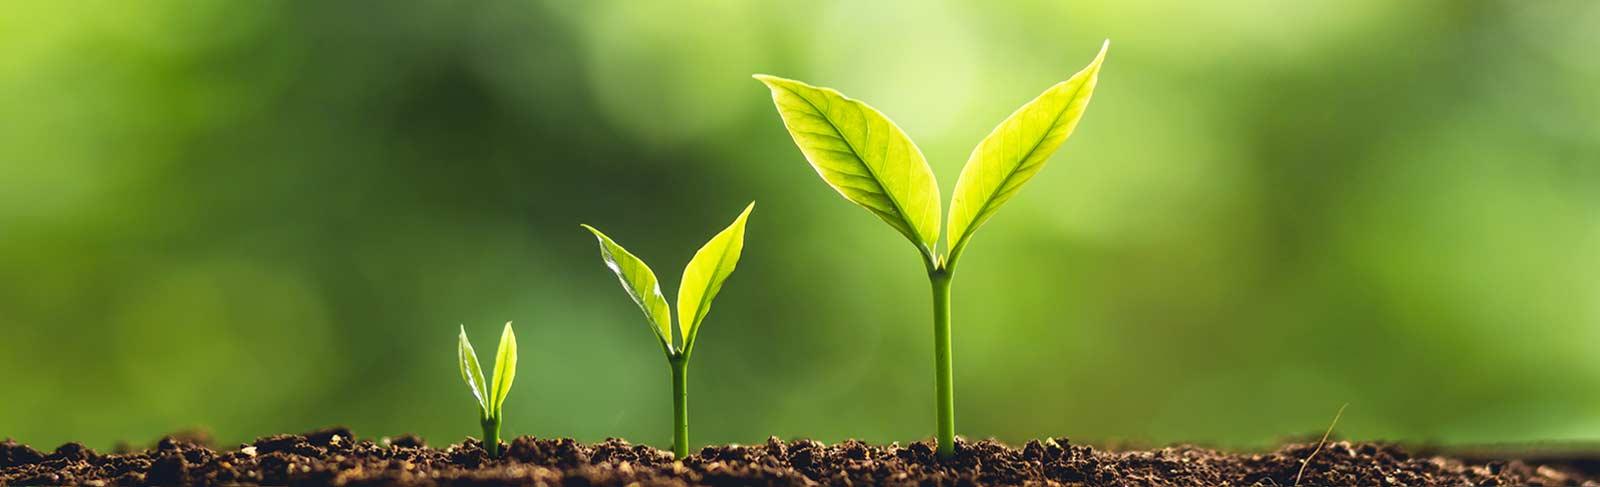 Pflanzen im Wachstum